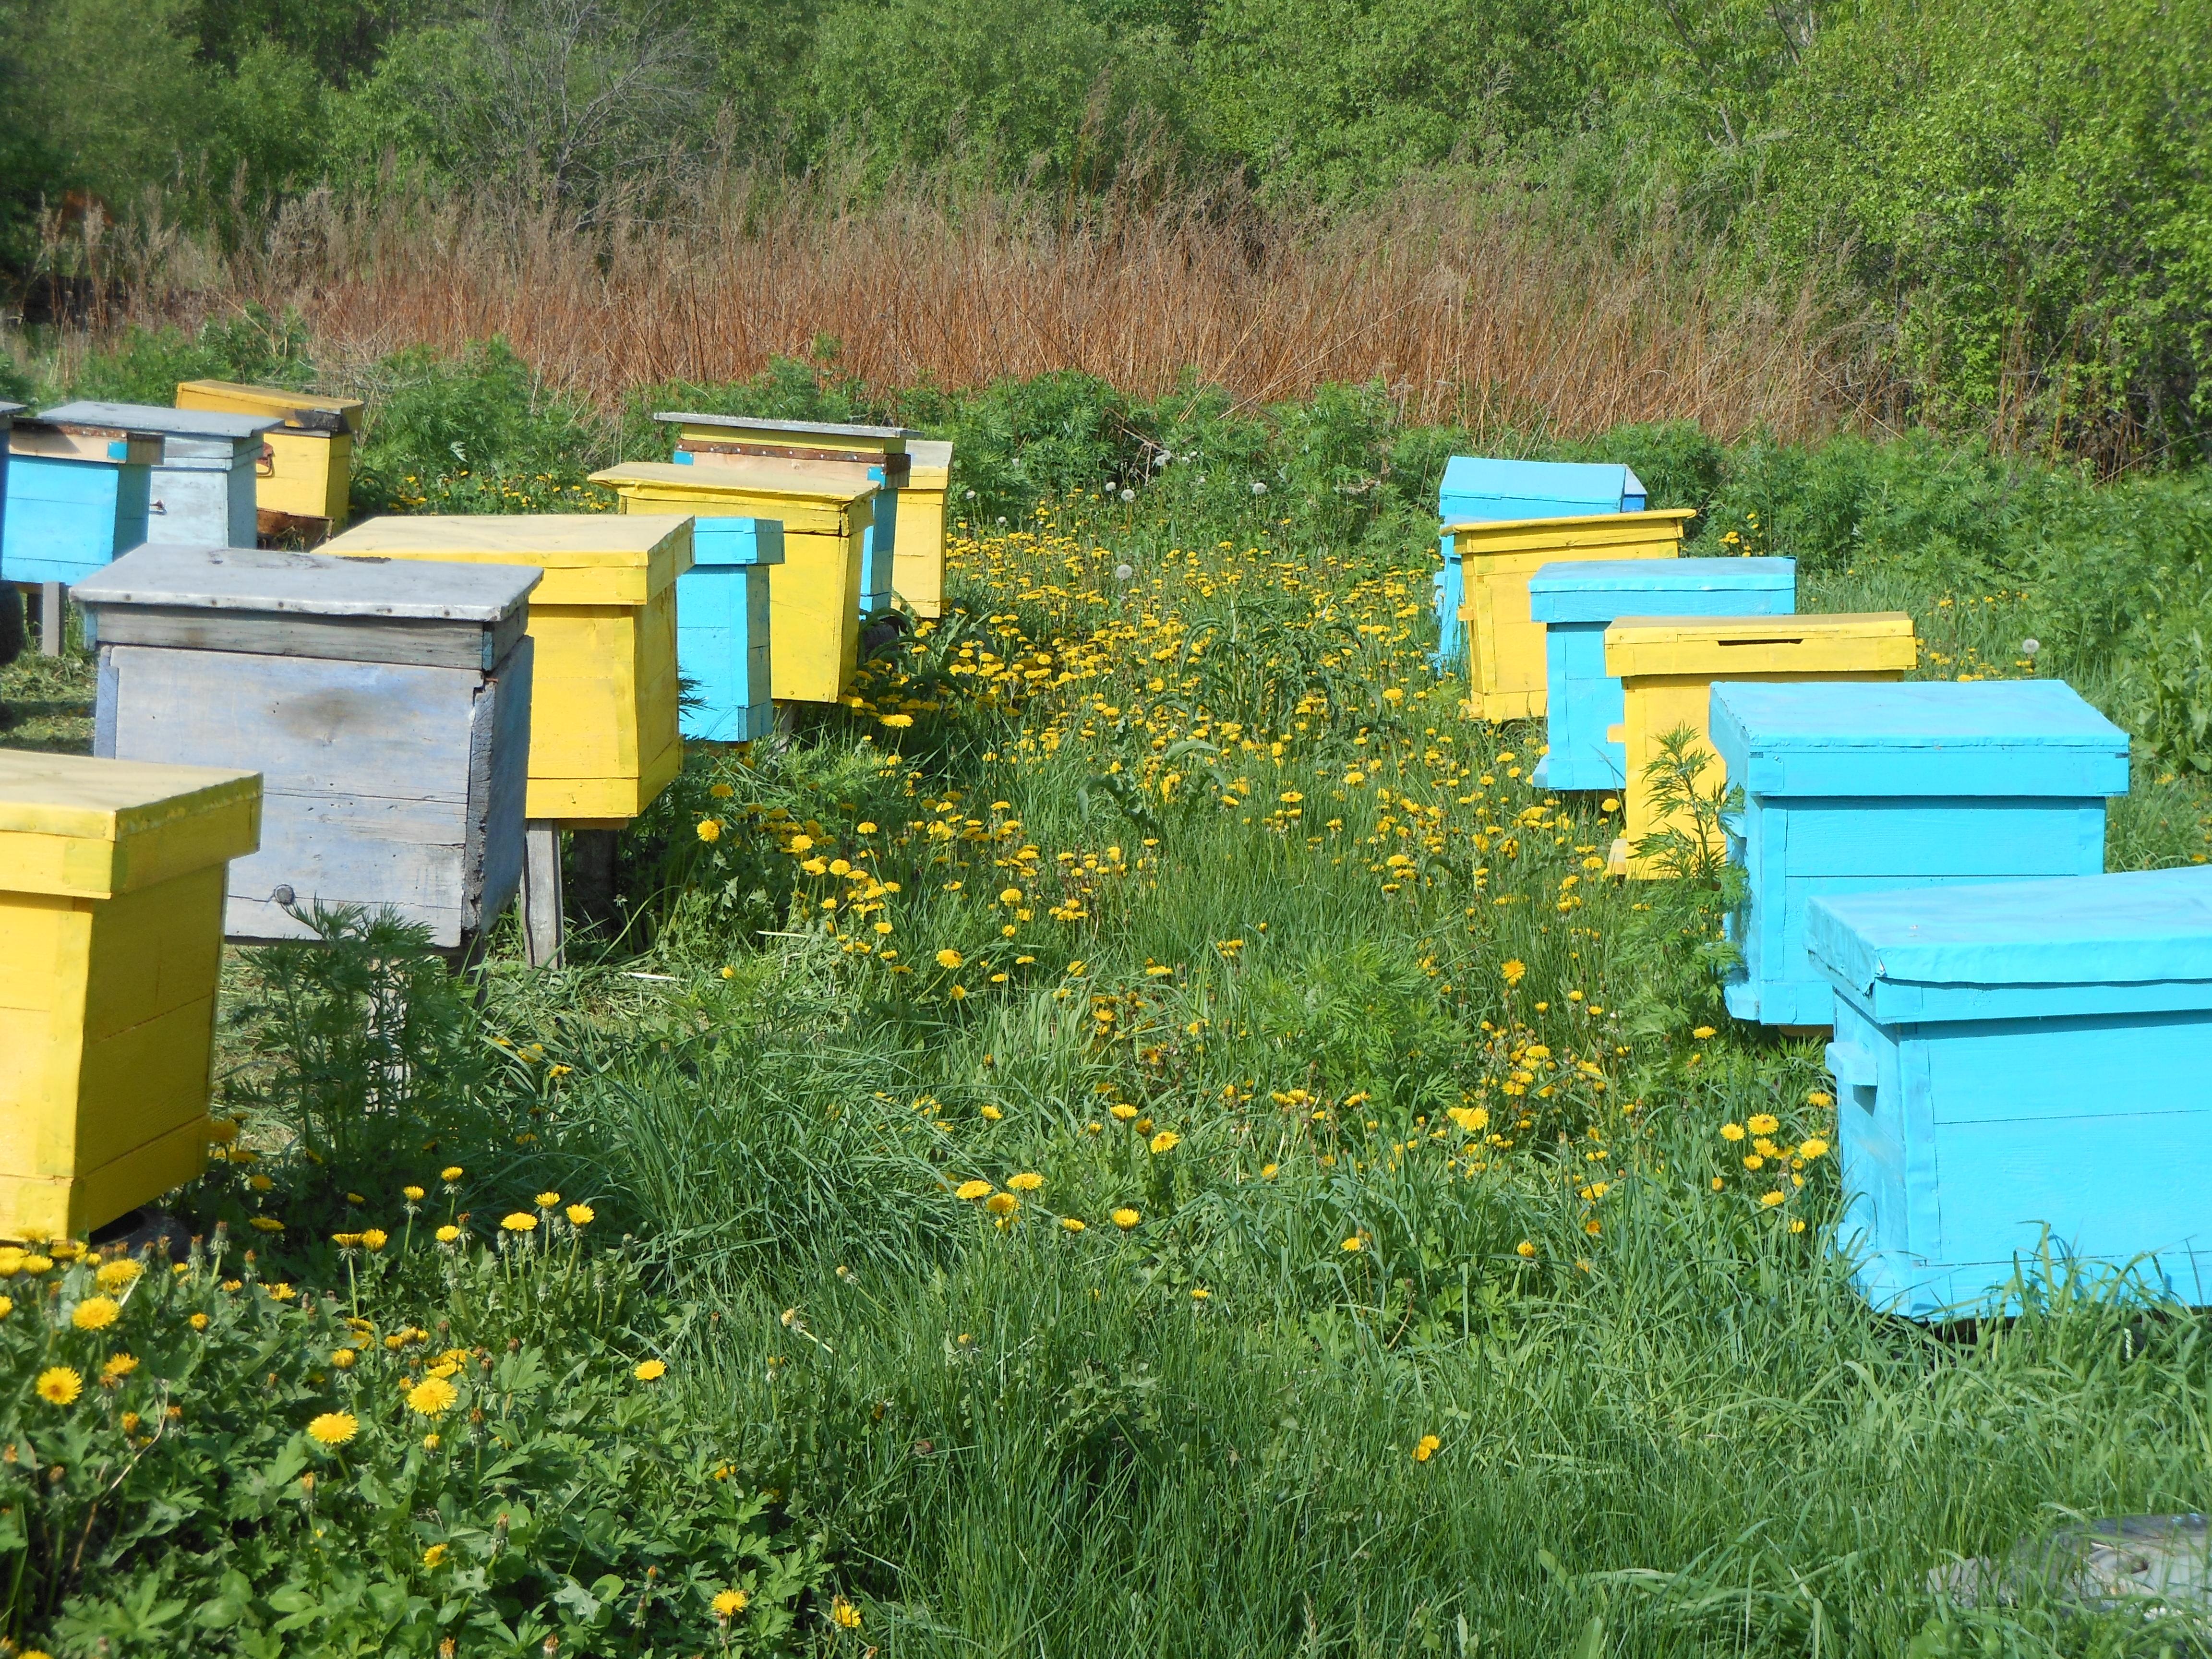 Особенности разведения и содержания пчел: с чего начать разведение пчел,лучшие способы и советы, подготовка пасеки, развод маток